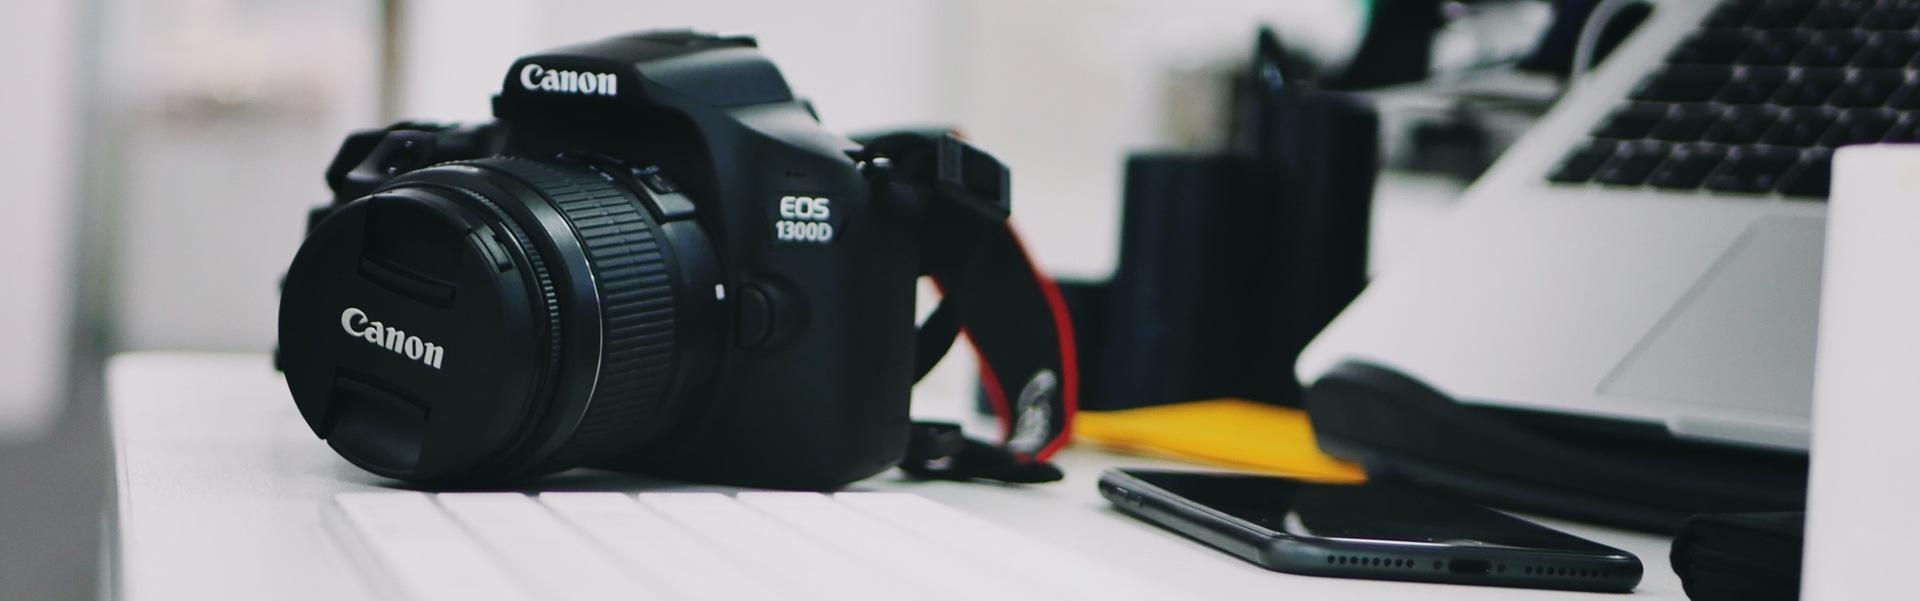 Продвижение фотографа в Инстаграме: оформление страницы и правильный контент